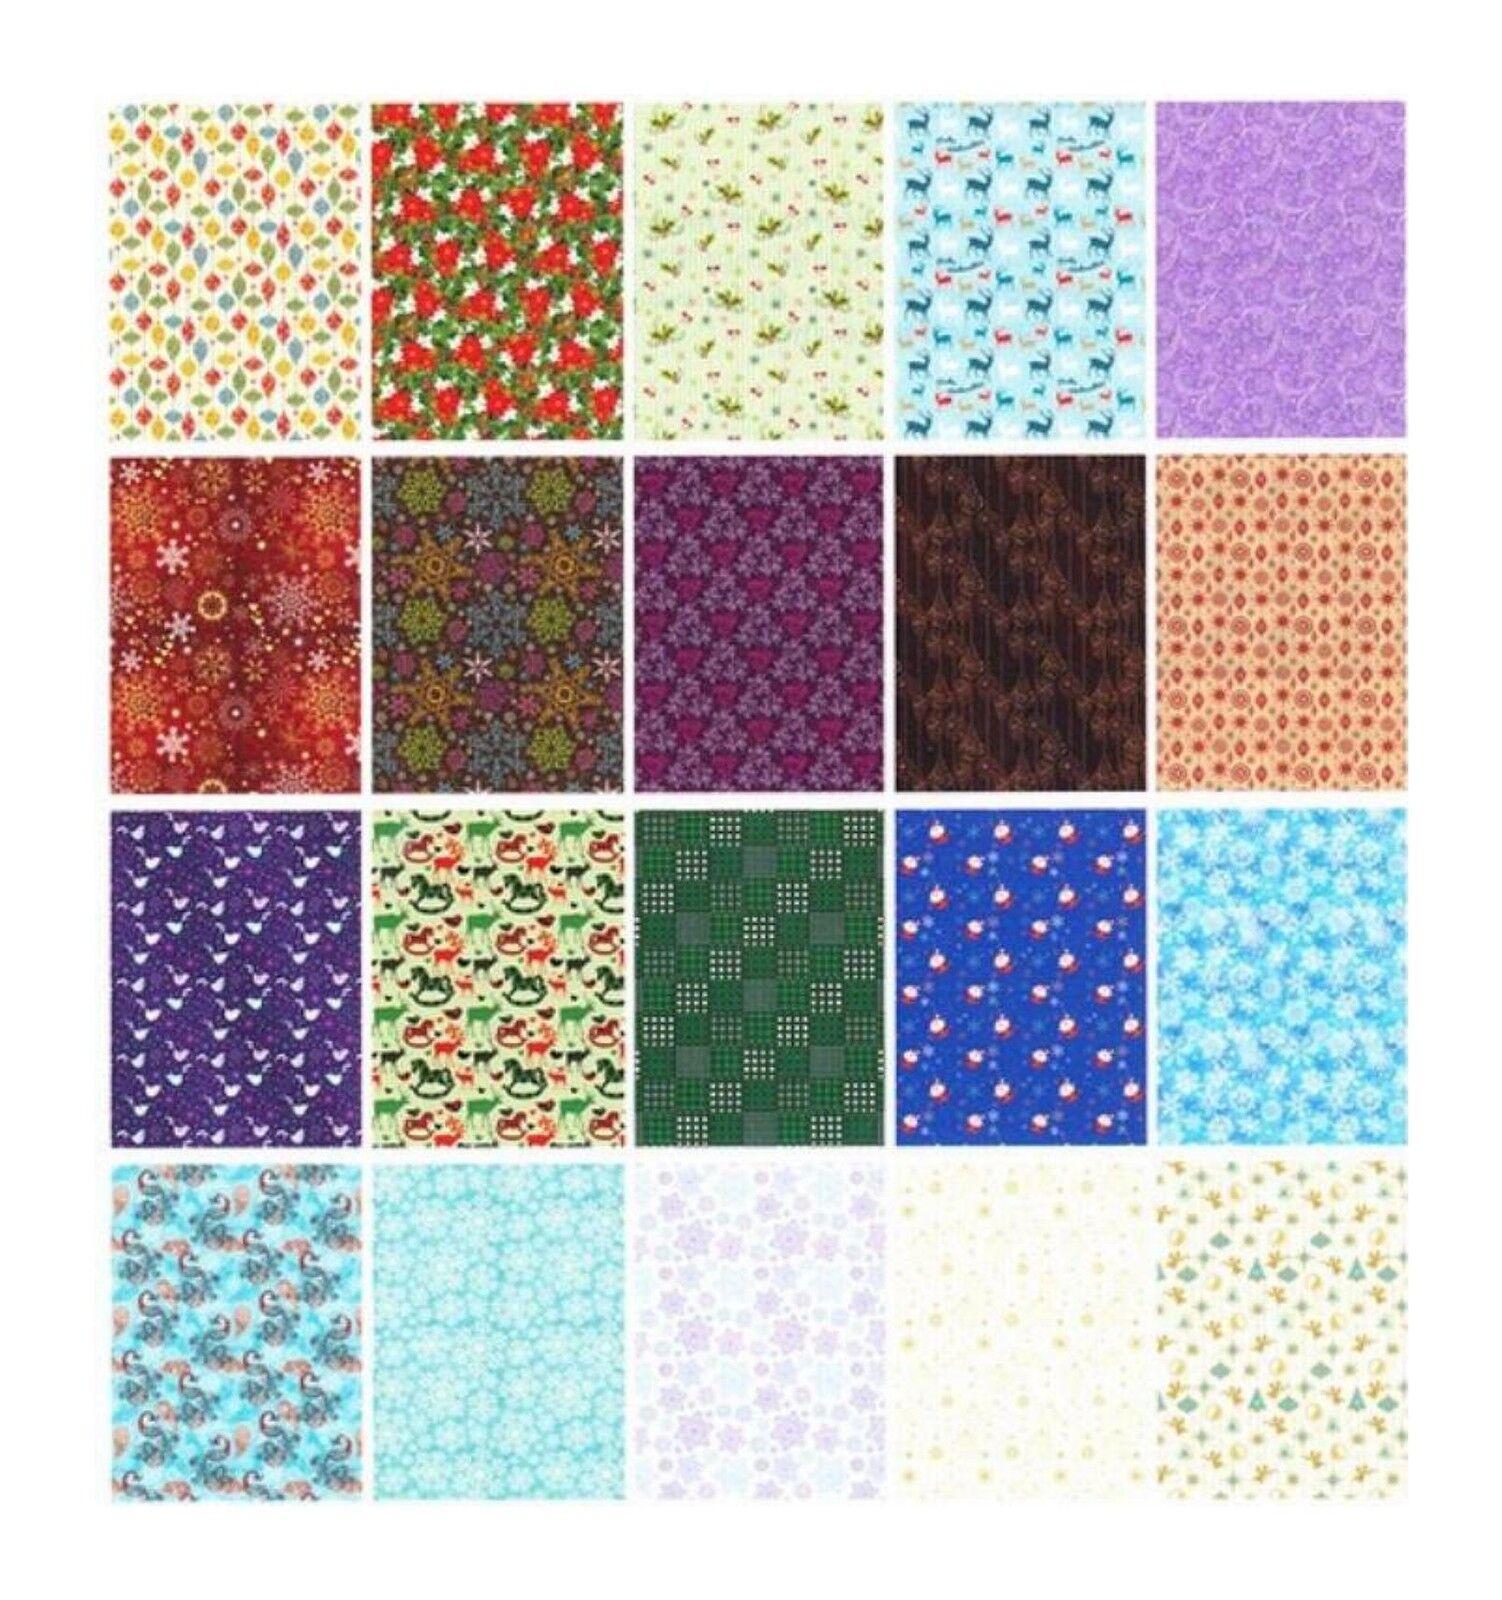 Puppenhaus Tapete Ausdrucken : SATINSTOFF selbstklebend Satin-Stoff Designpapier SCRAPBOOKING Papier